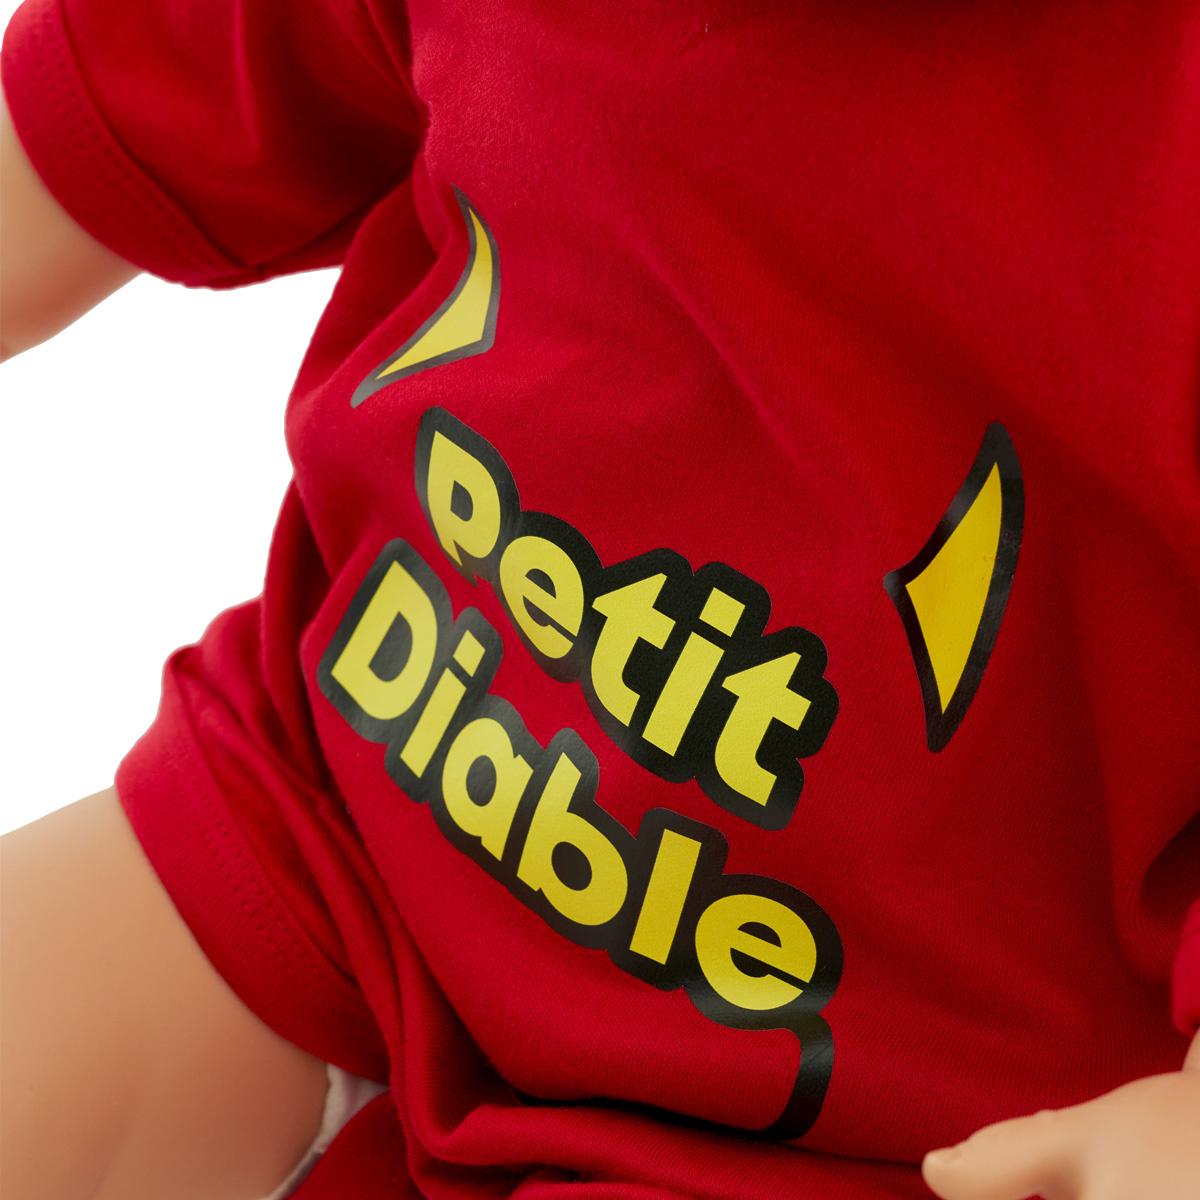 Topfanz Petit Diable body